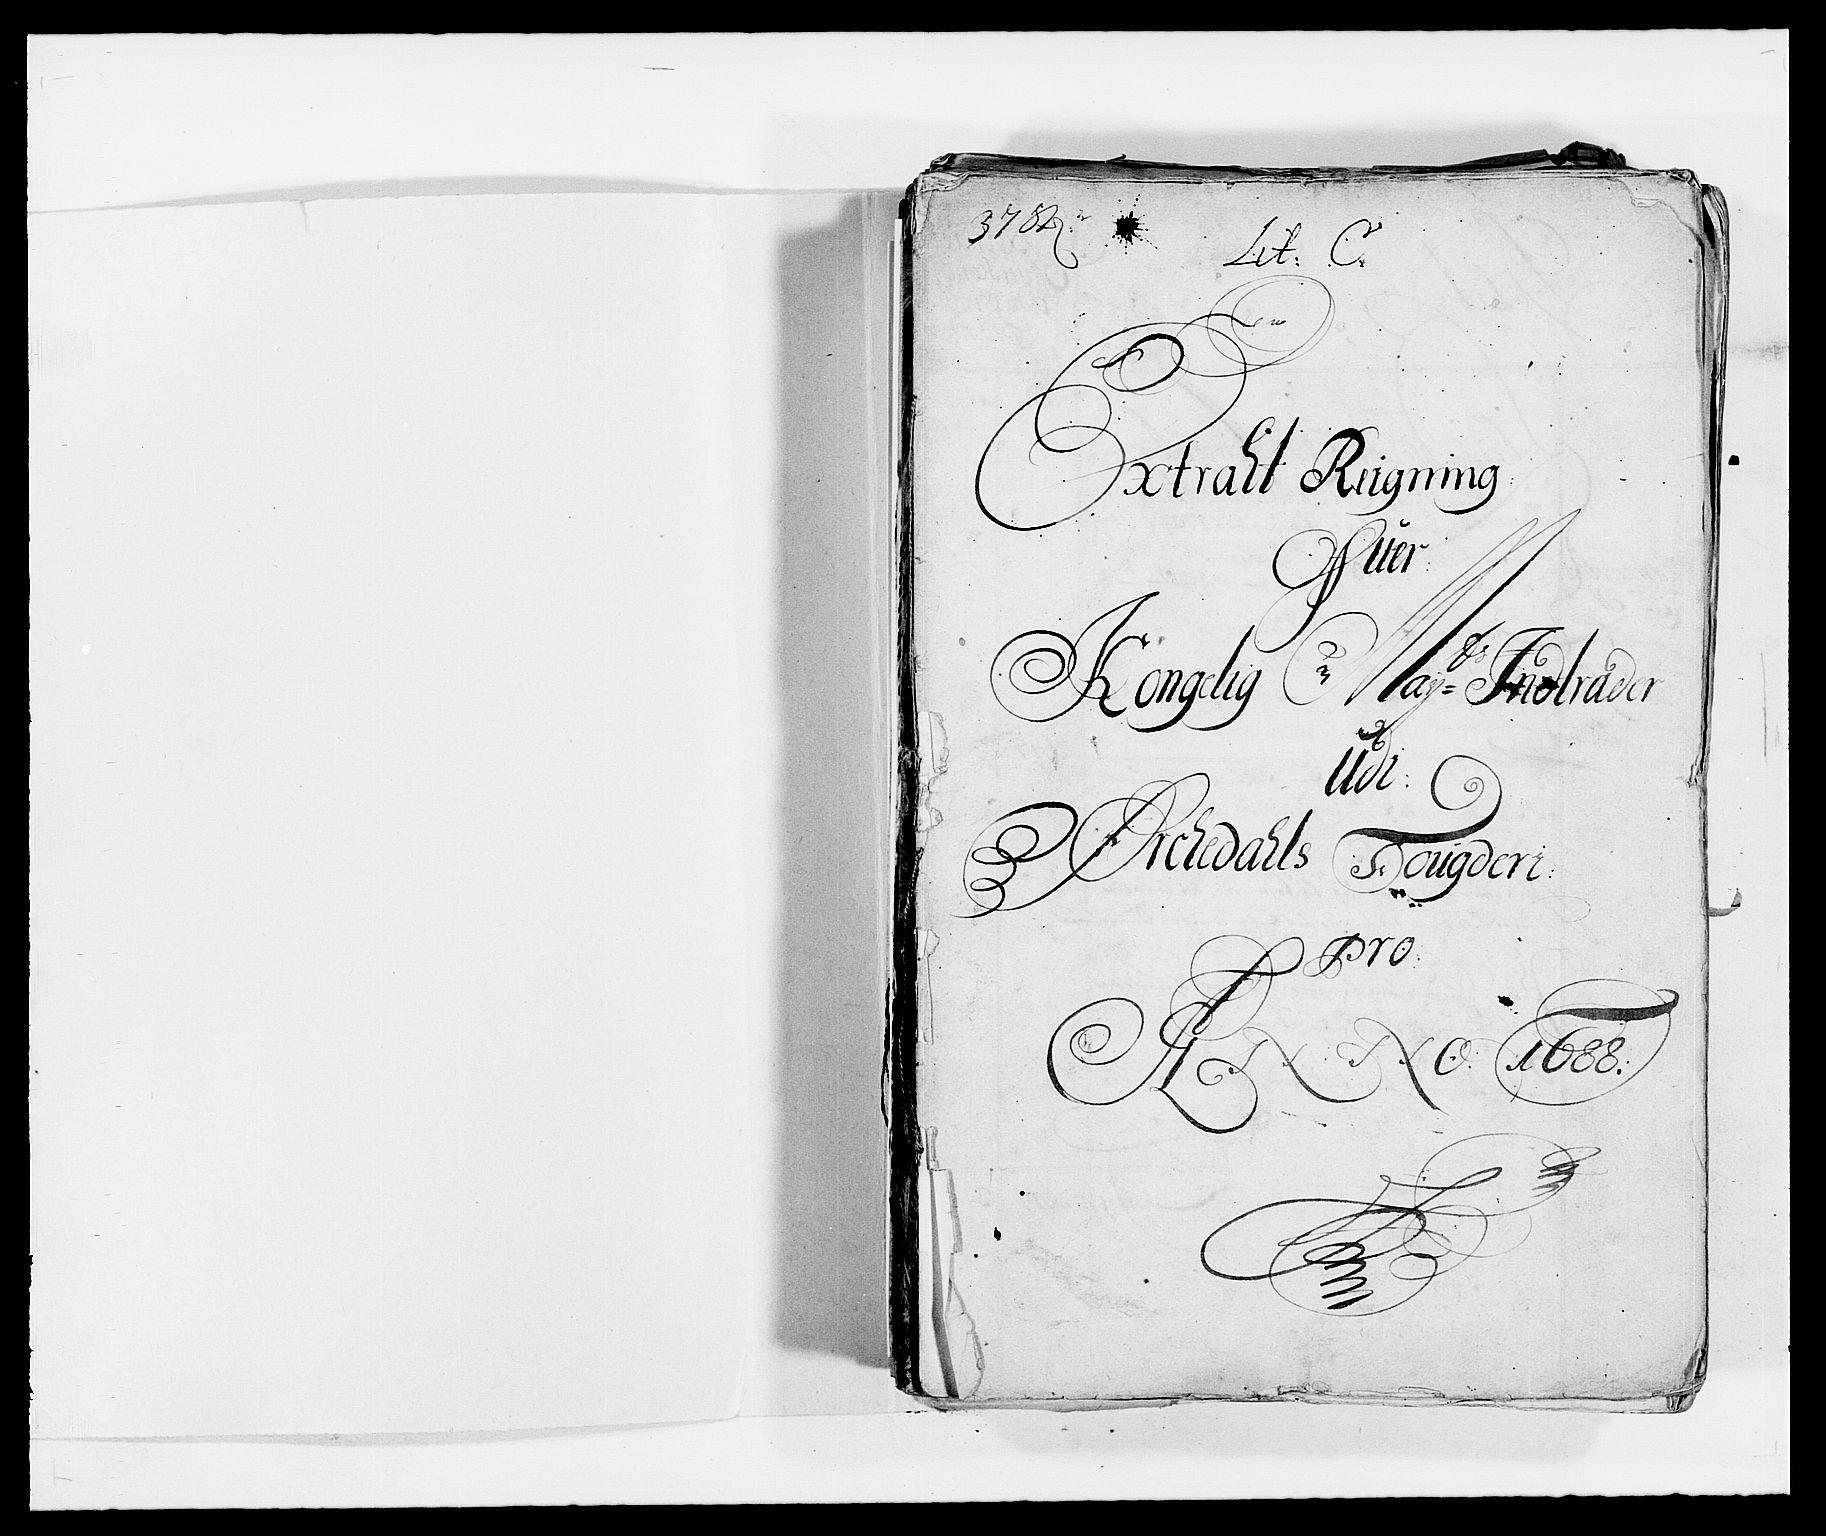 RA, Rentekammeret inntil 1814, Reviderte regnskaper, Fogderegnskap, R58/L3935: Fogderegnskap Orkdal, 1687-1688, s. 194